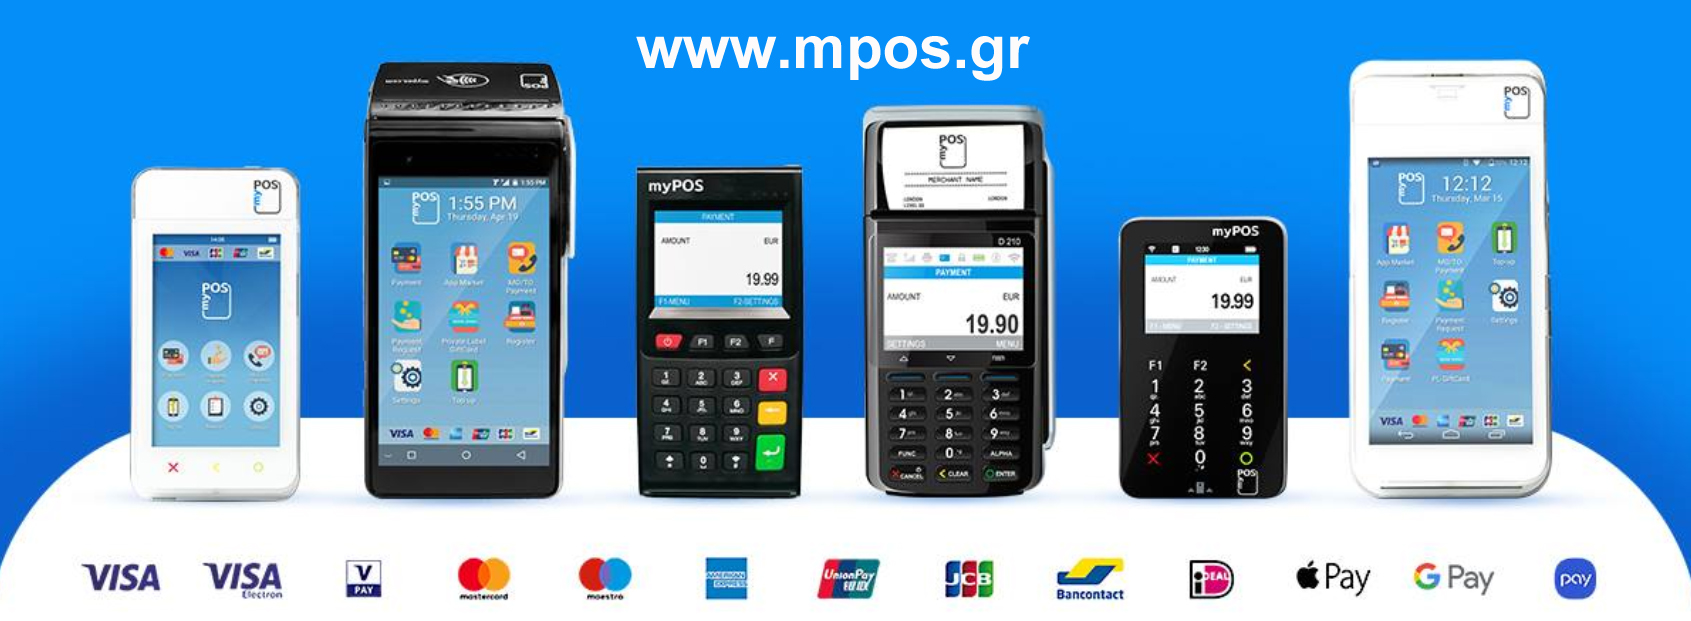 ολοκληρωμένη λύση αποδοχής ηλεκτρονικών πληρωμών